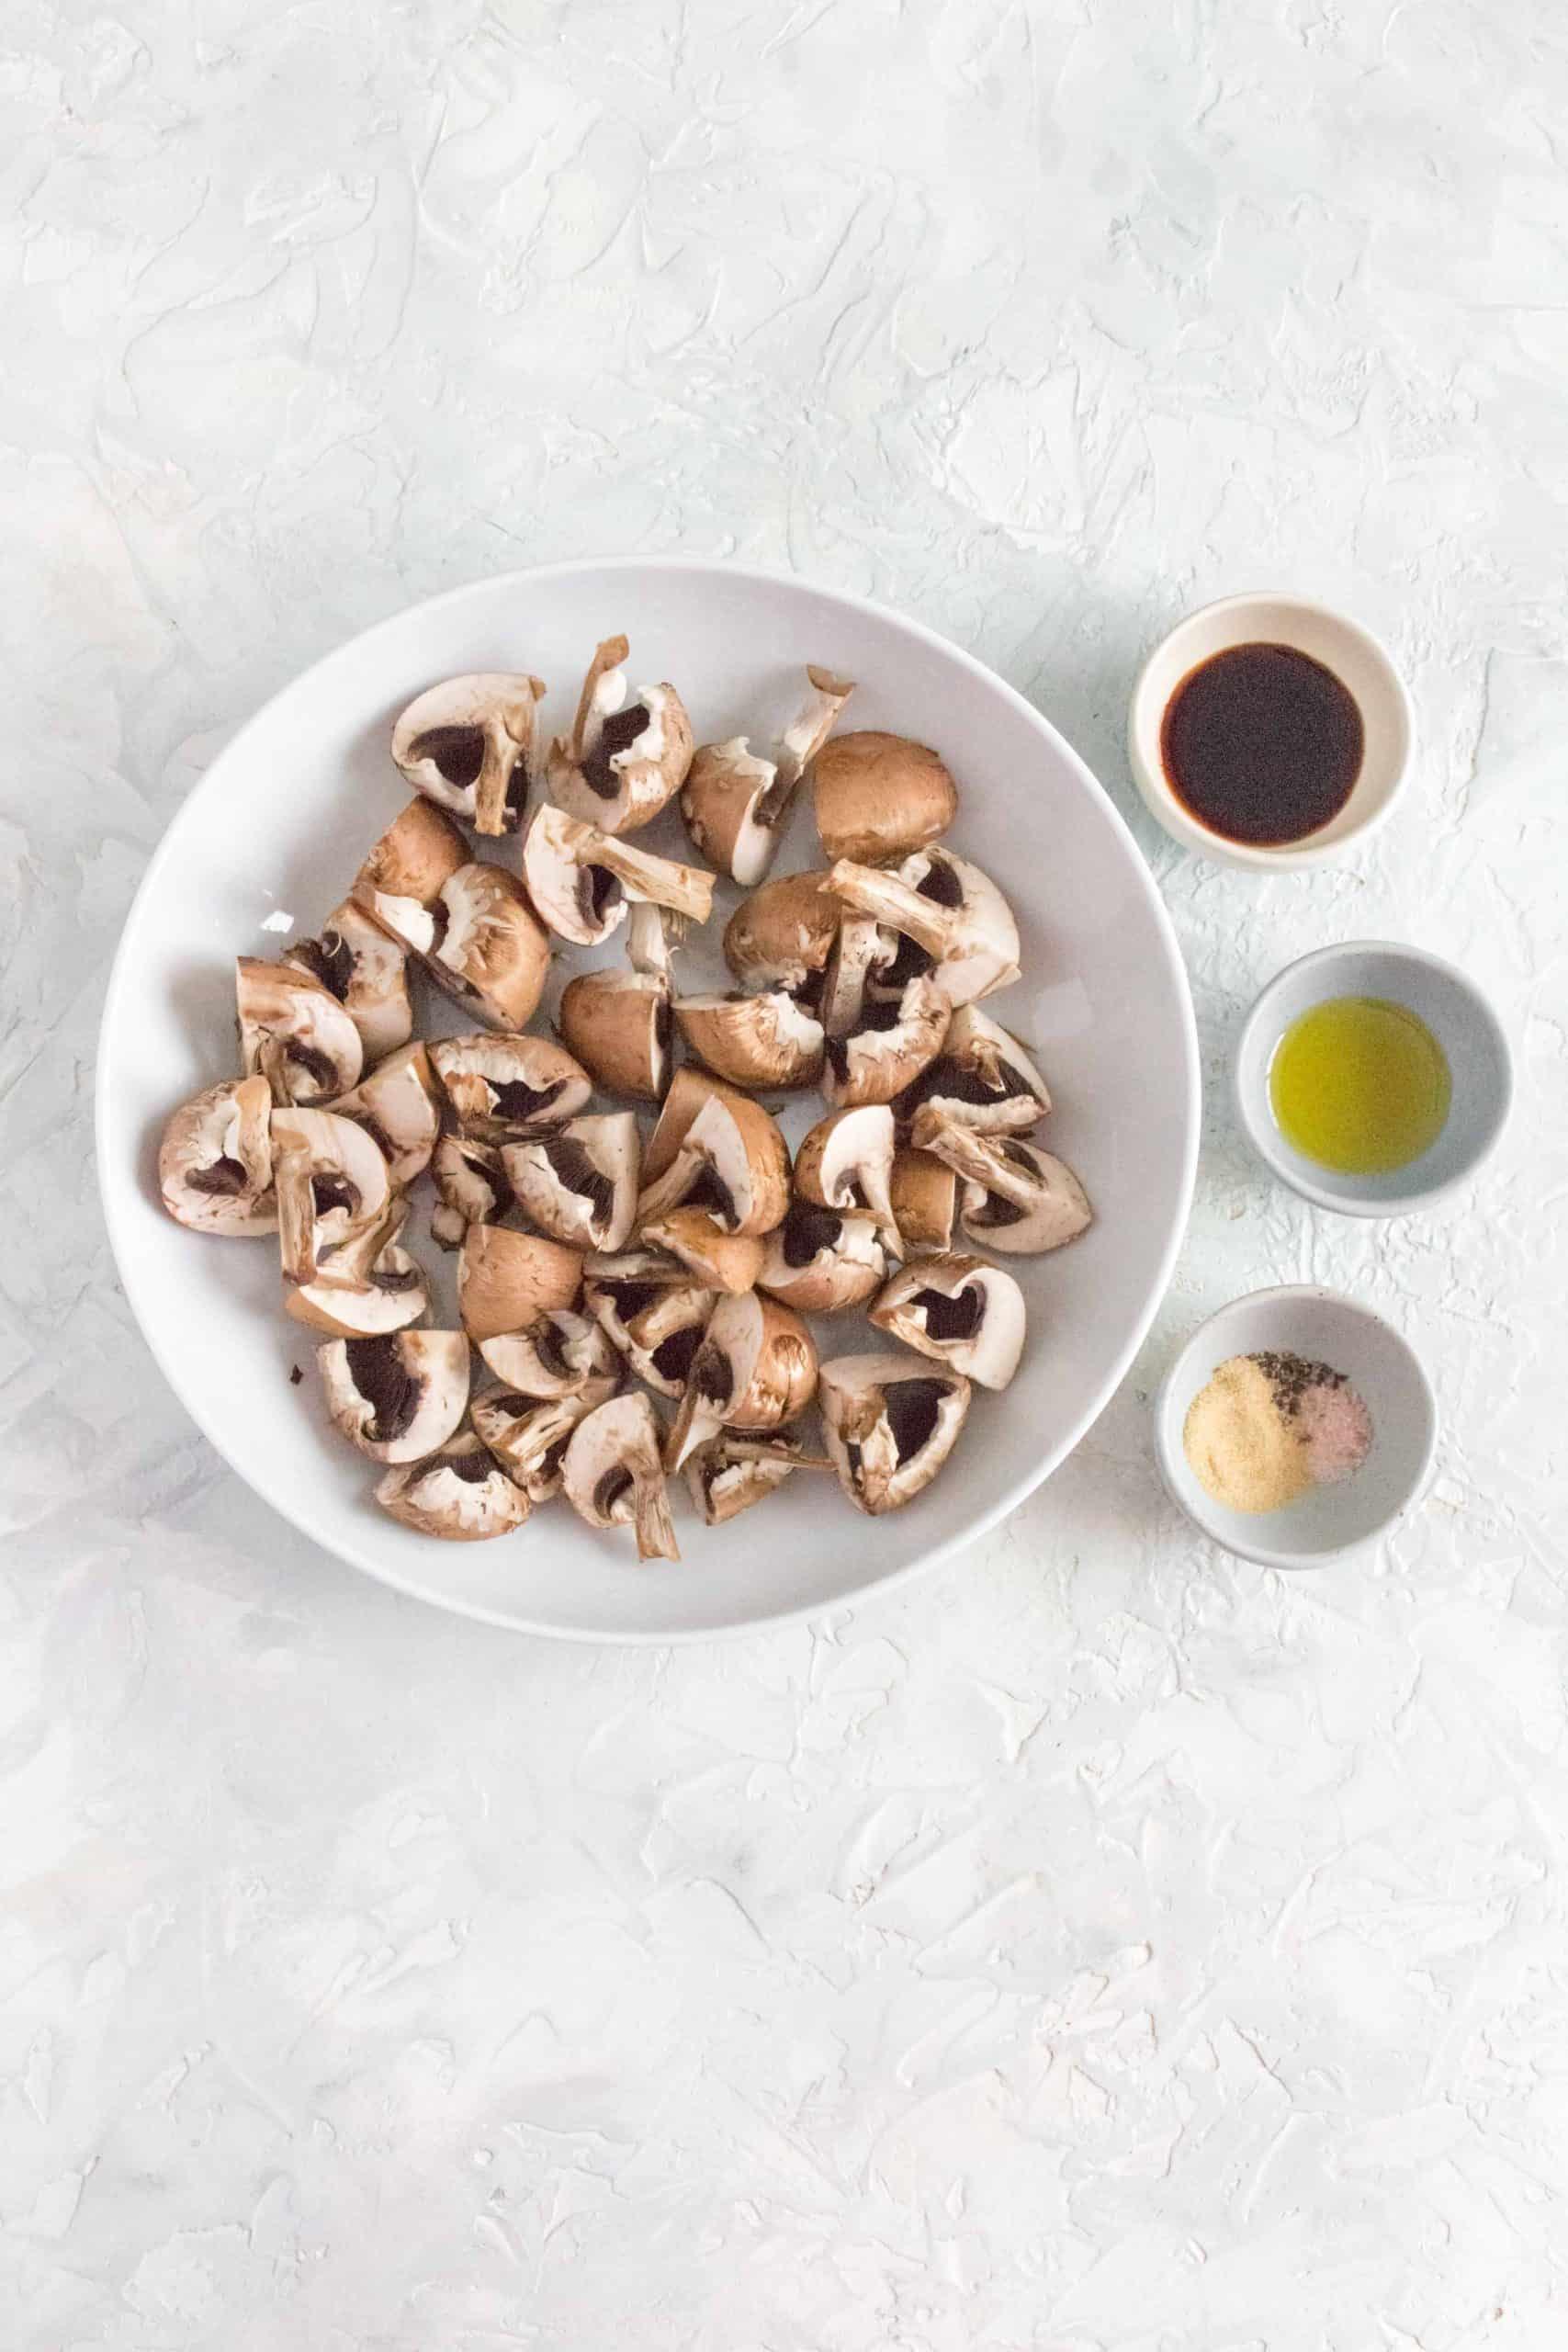 ingredients to make mushrooms in air fryer